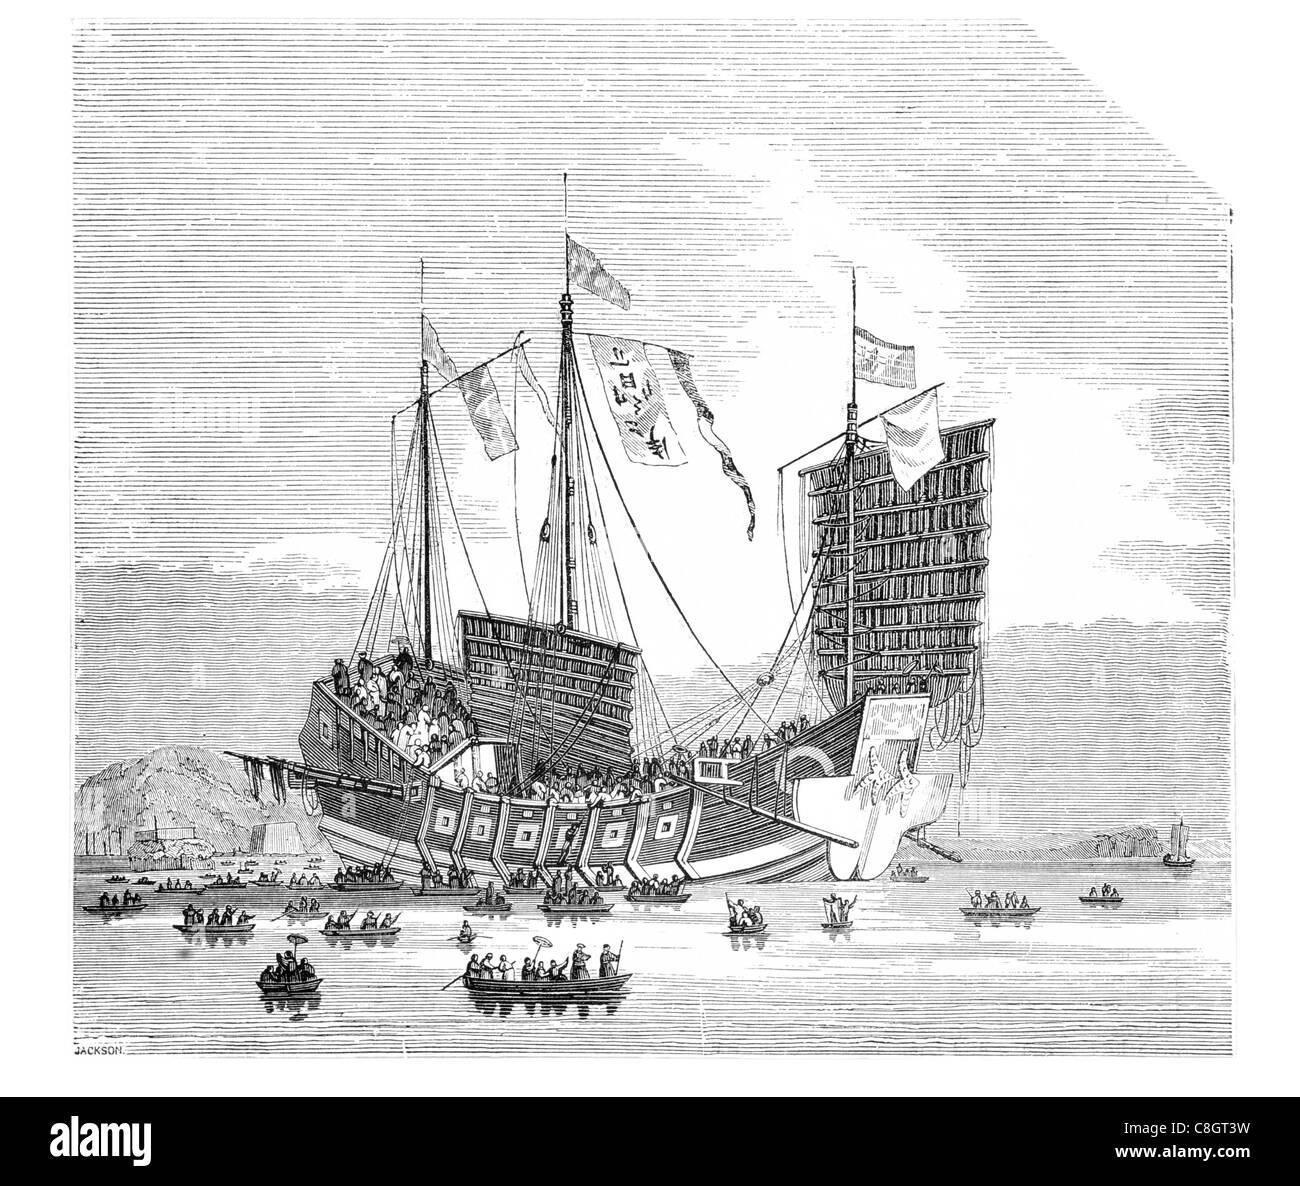 Chinese trading junk ancient Chinese sailing vessel Junks Han Dynasty Asia ocean voyage Hong Kong junk-rigged sailboat - Stock Image